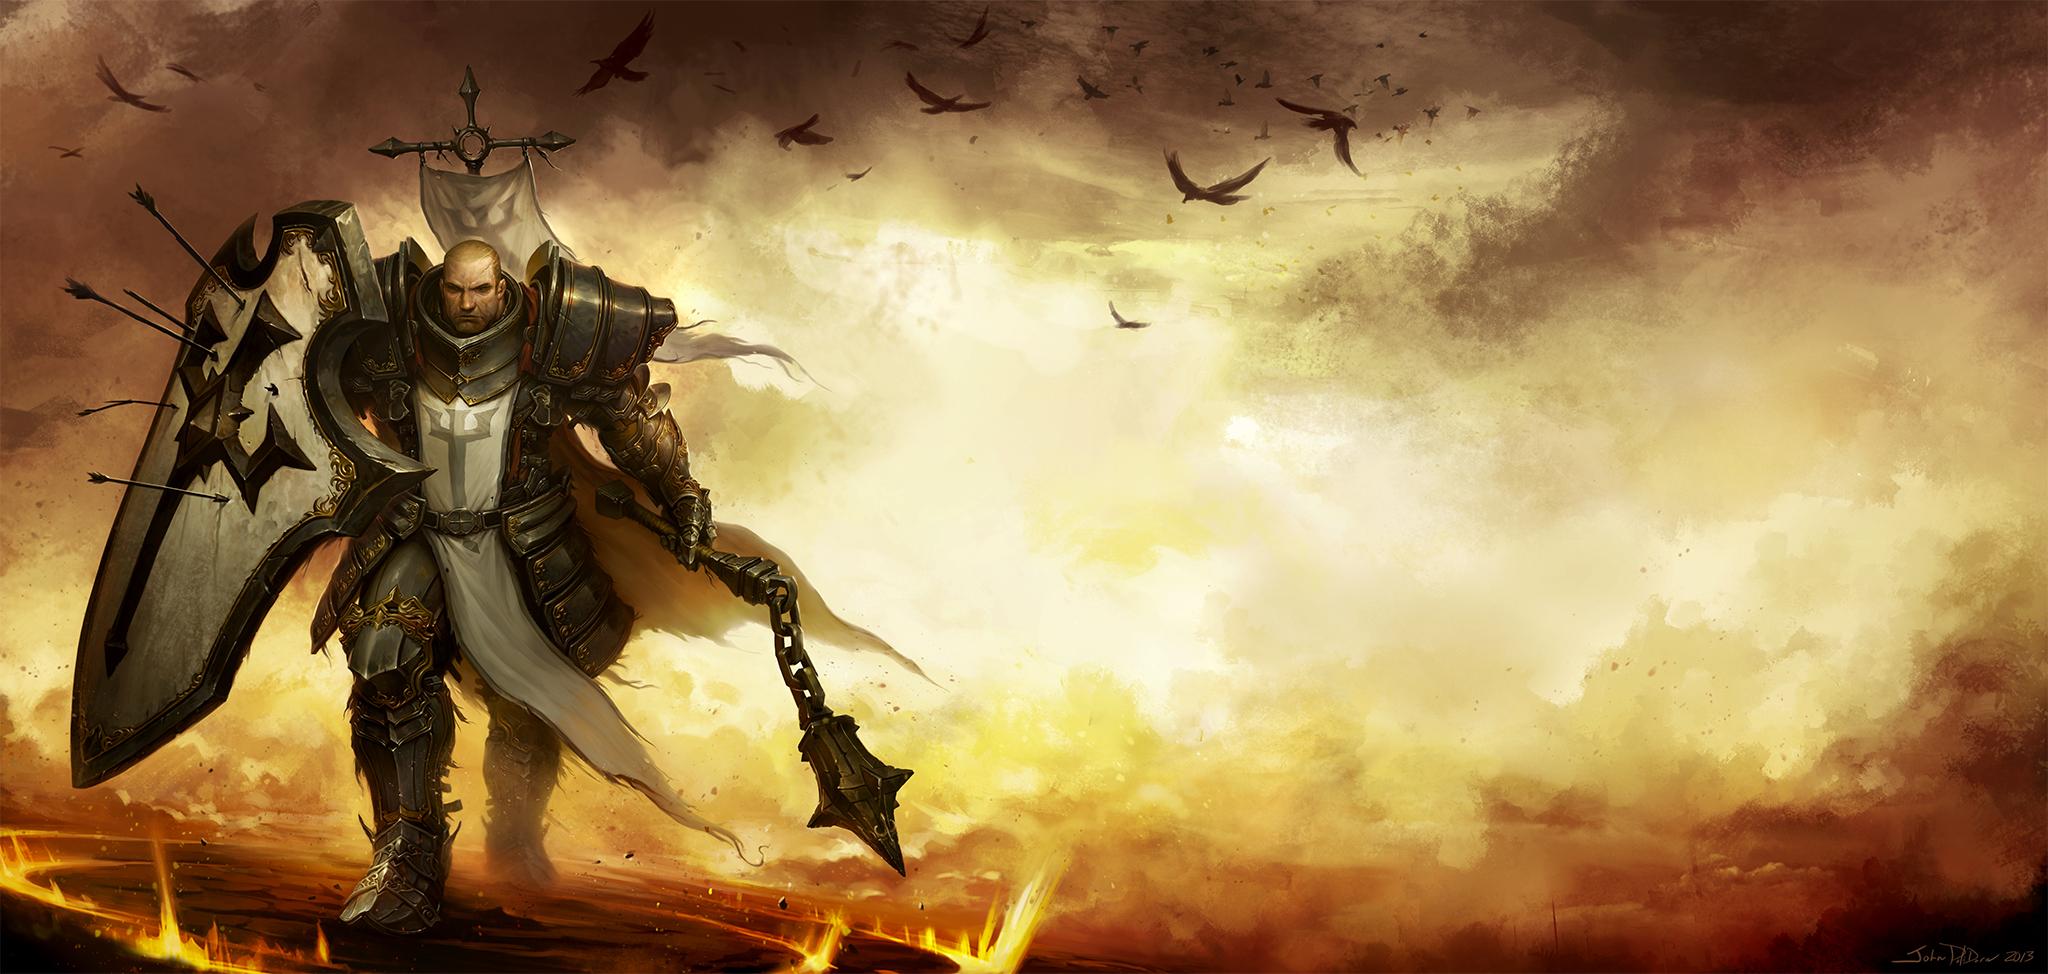 diablo 3 reaper of souls box art by norsechowder on